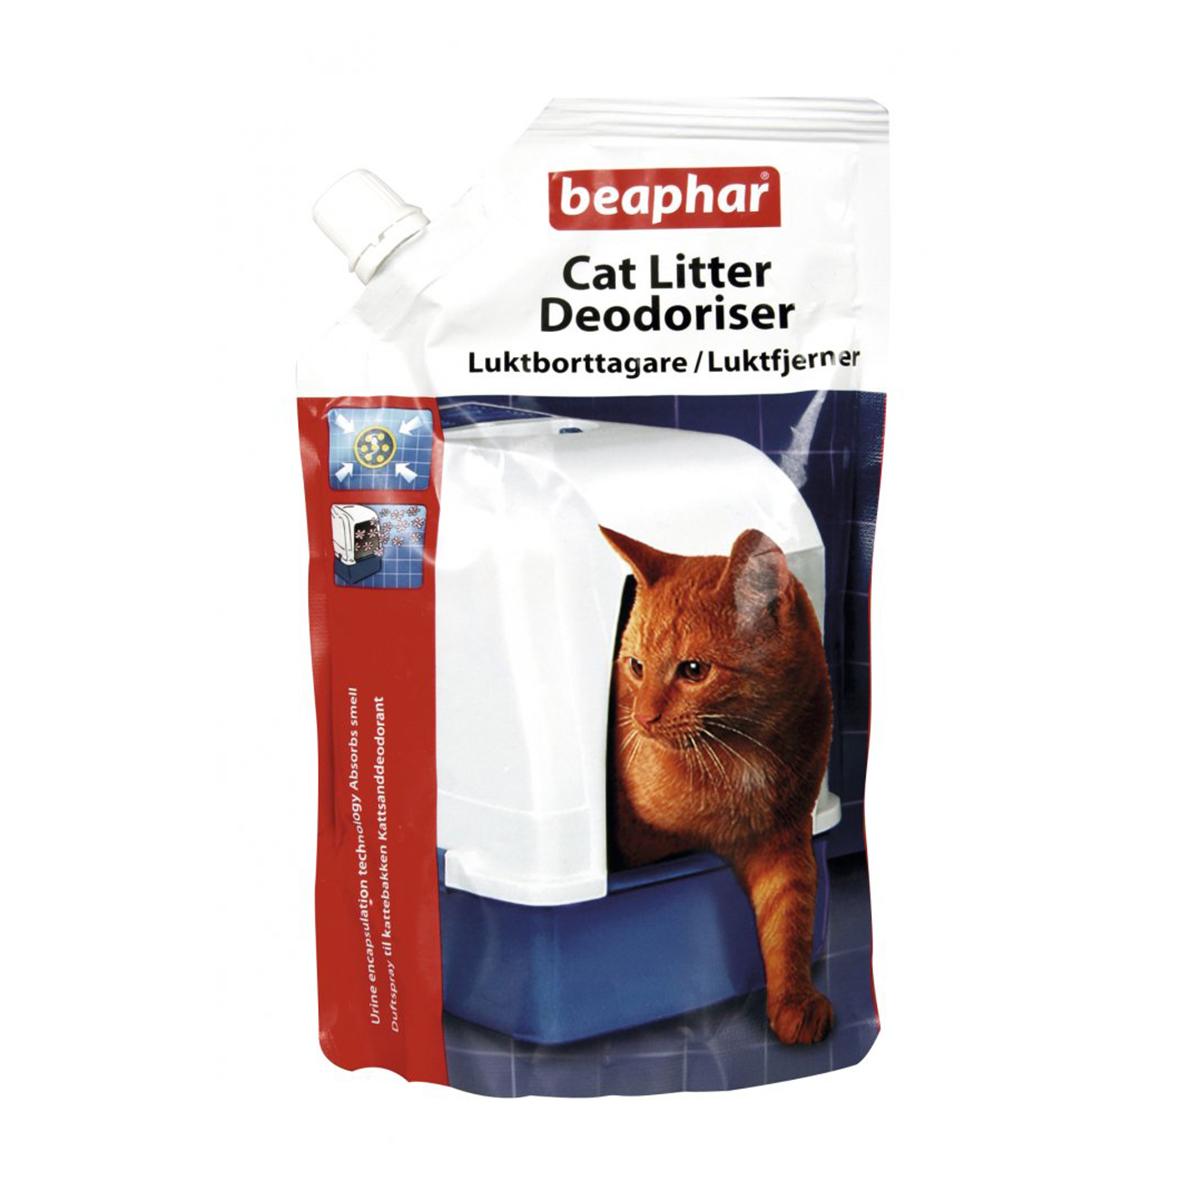 Beaphar Deo litiera pisica 400g imagine